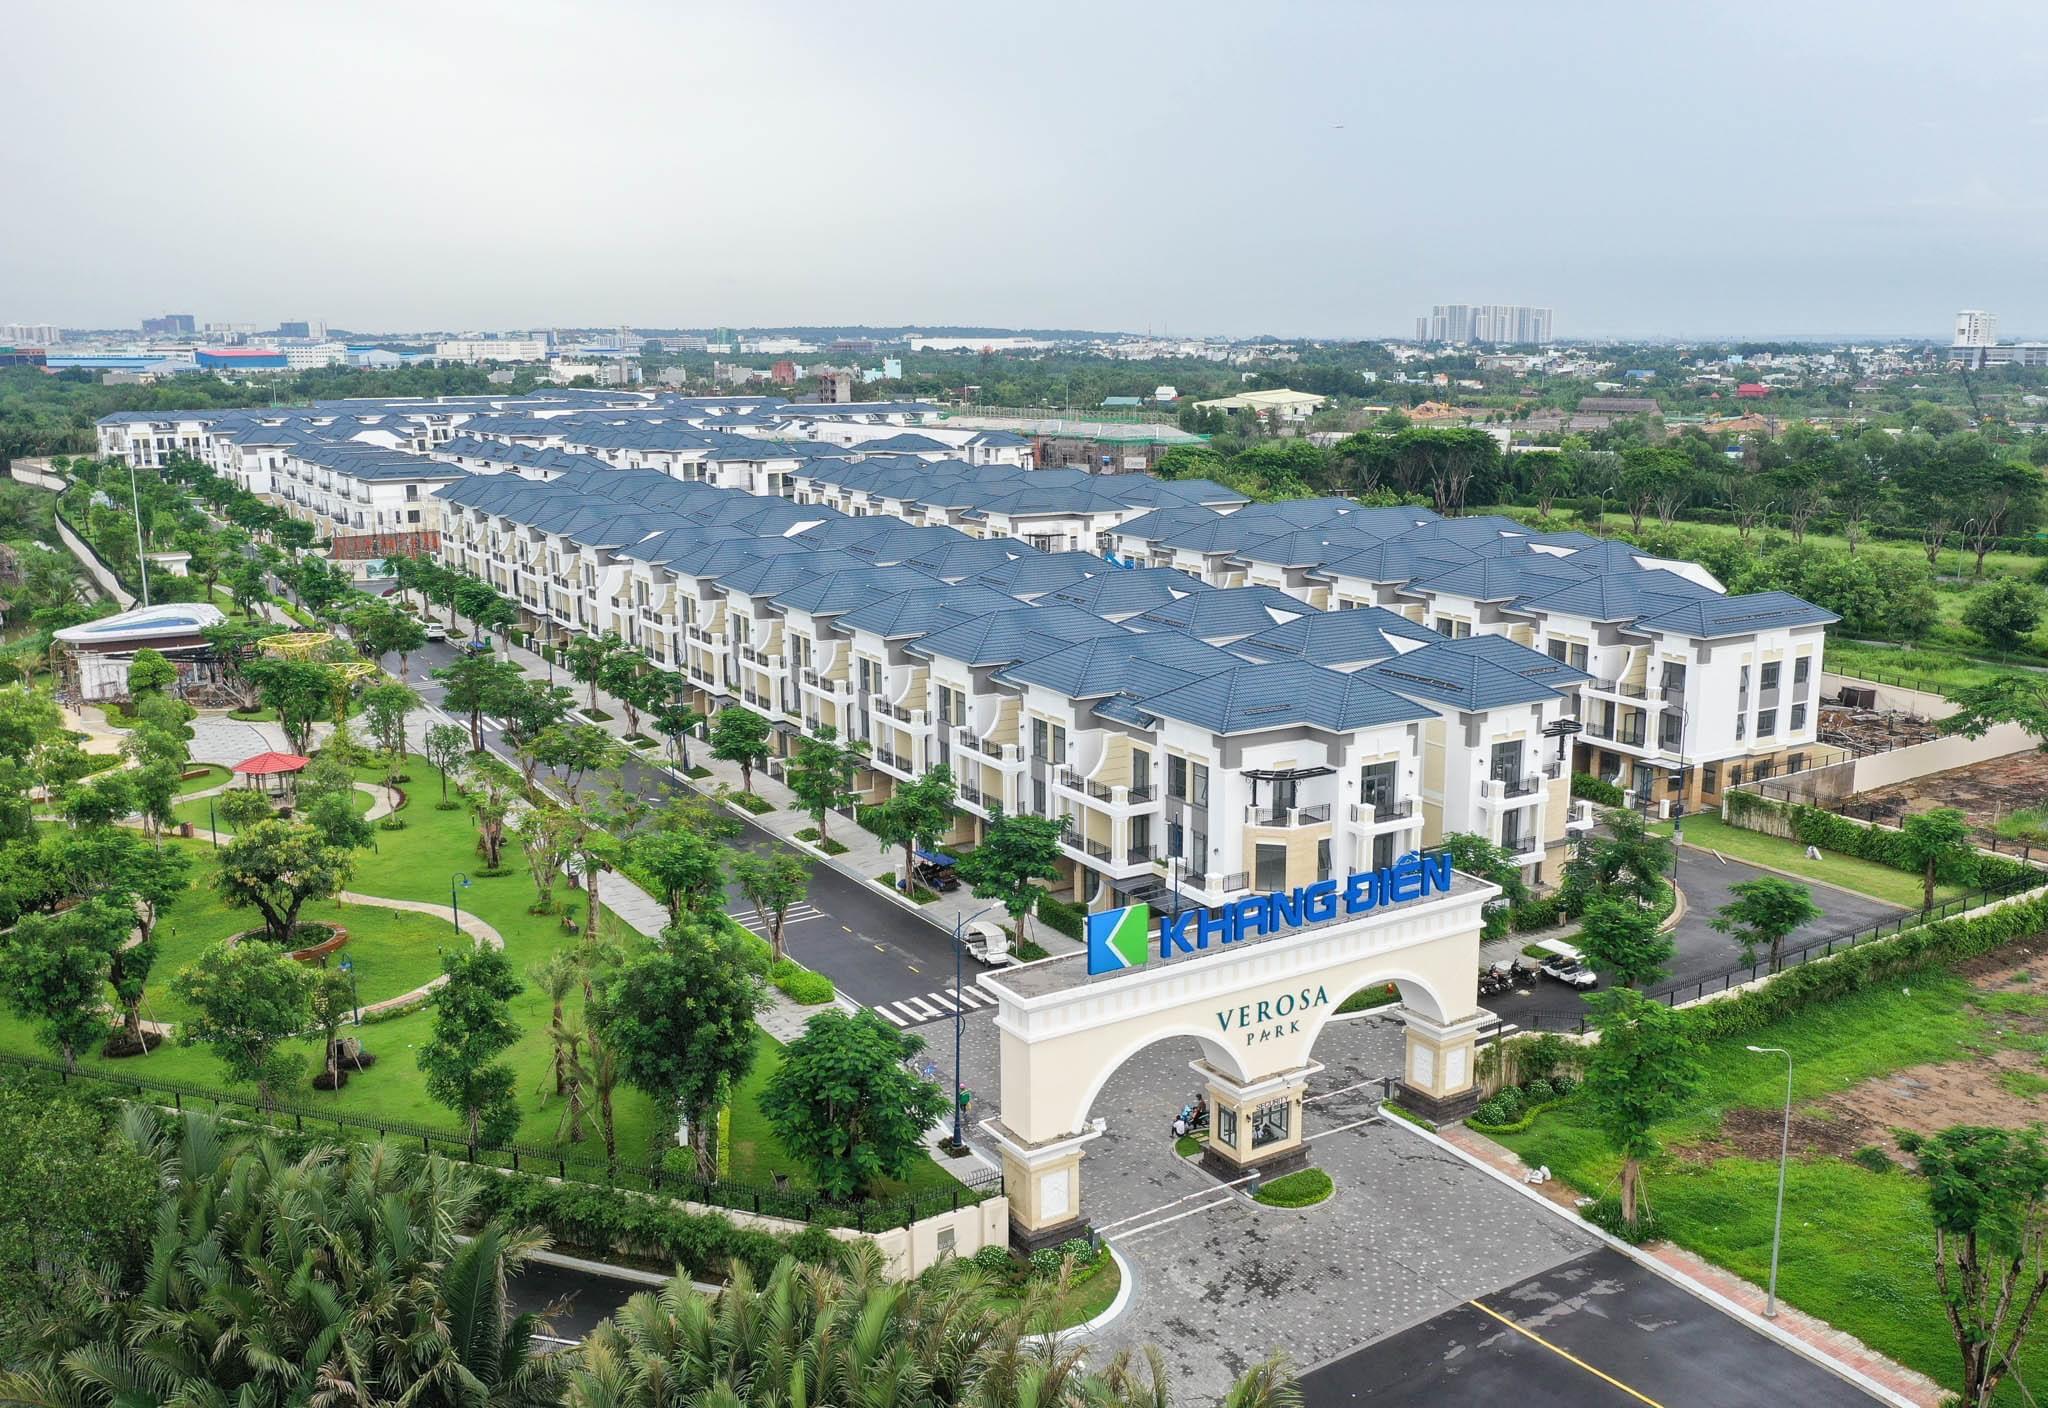 Hình ảnh thực tế tại dự án nhà phố, biệt thự Verosa Park Khang Điền Quận 9 - Khang Điền HCM